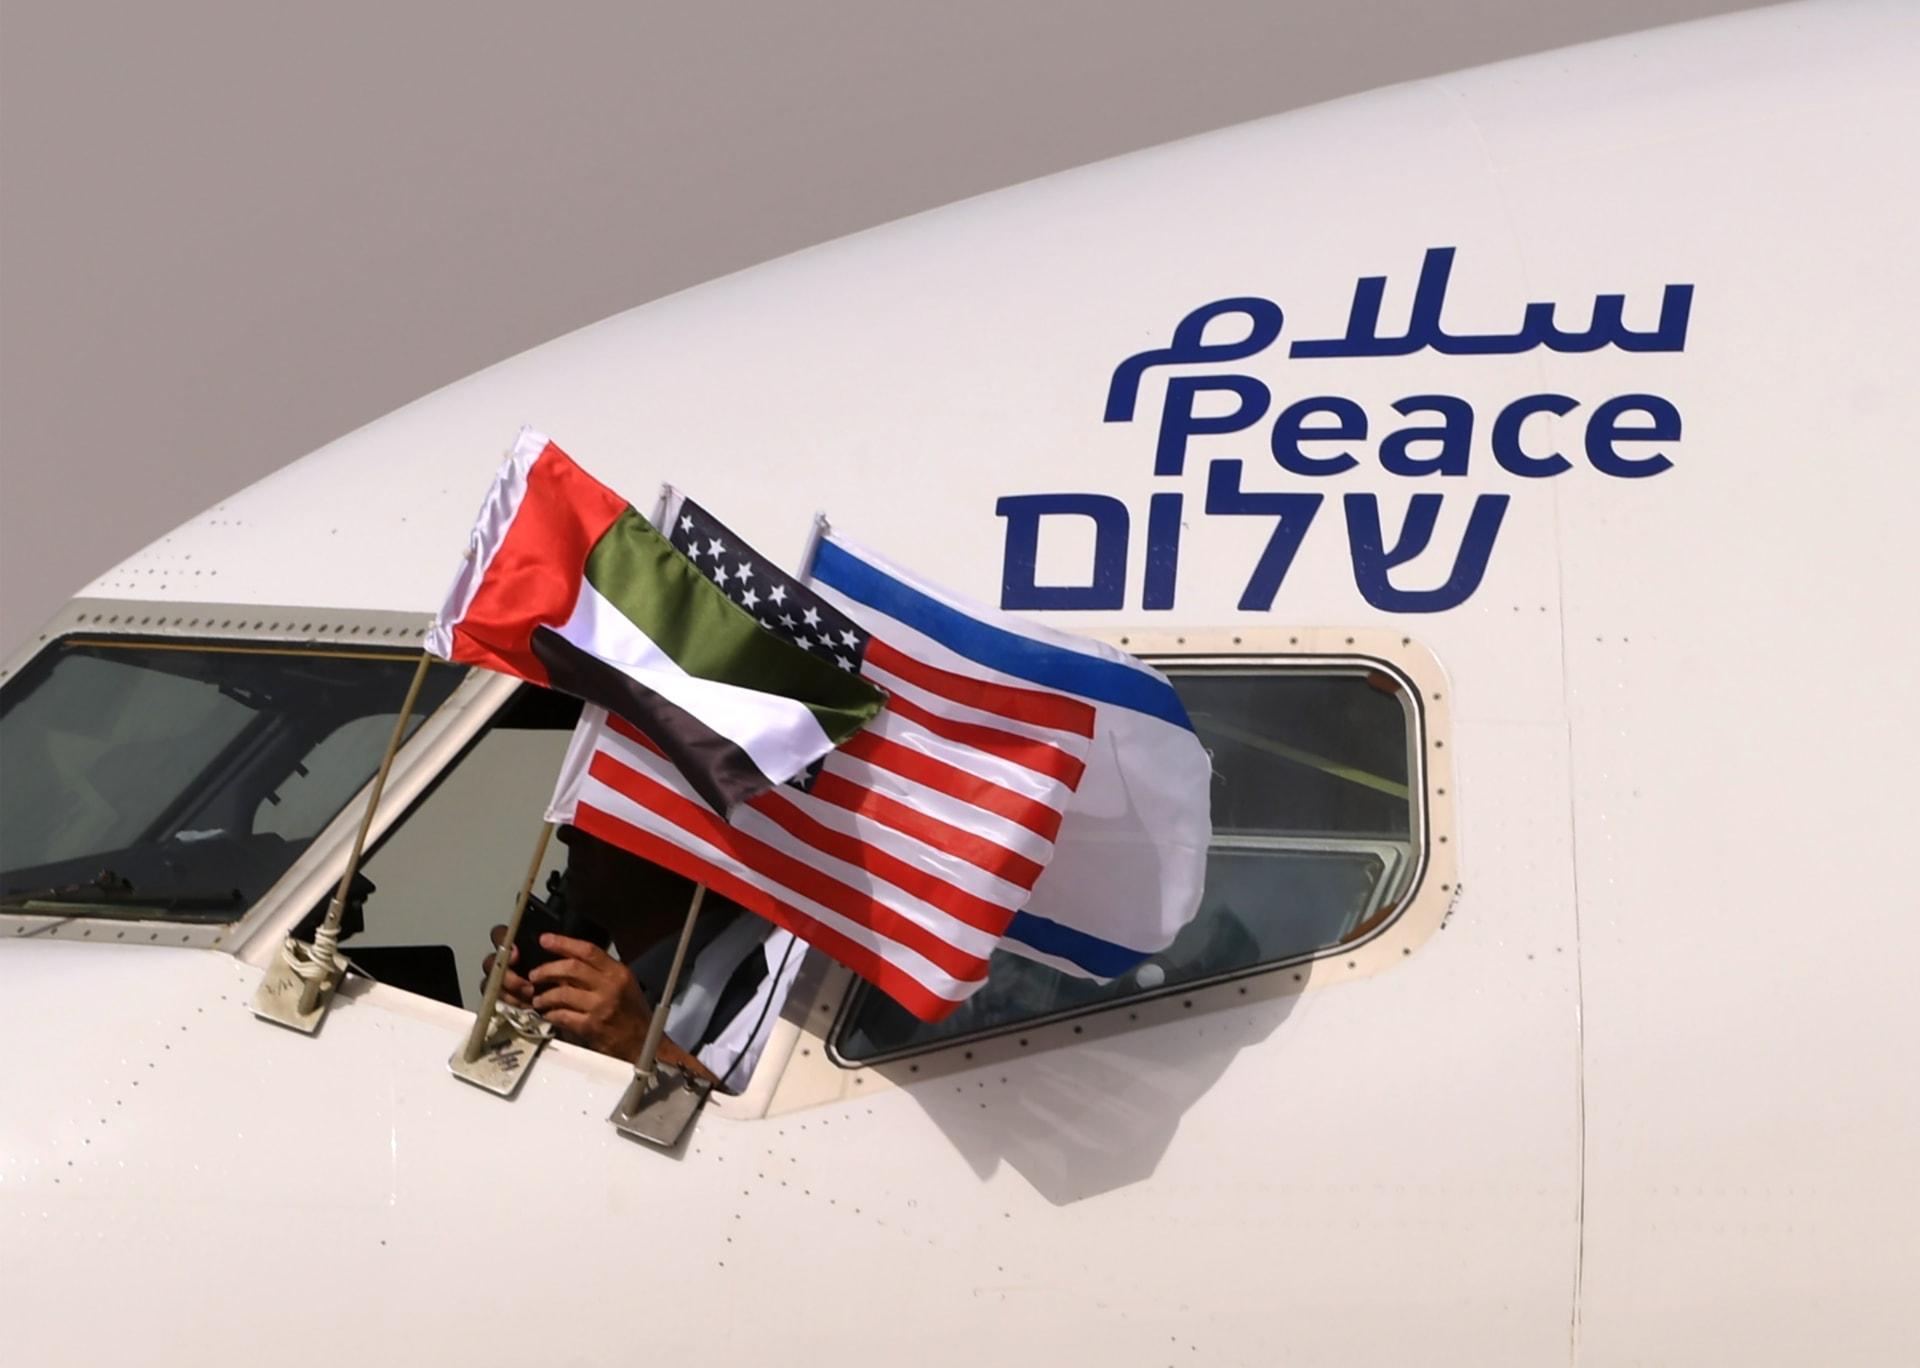 اجتماع بين وزيرة الثاقفة الإماراتية ونظيرها الإسرائيلي.. وجنلدمان يُعلق